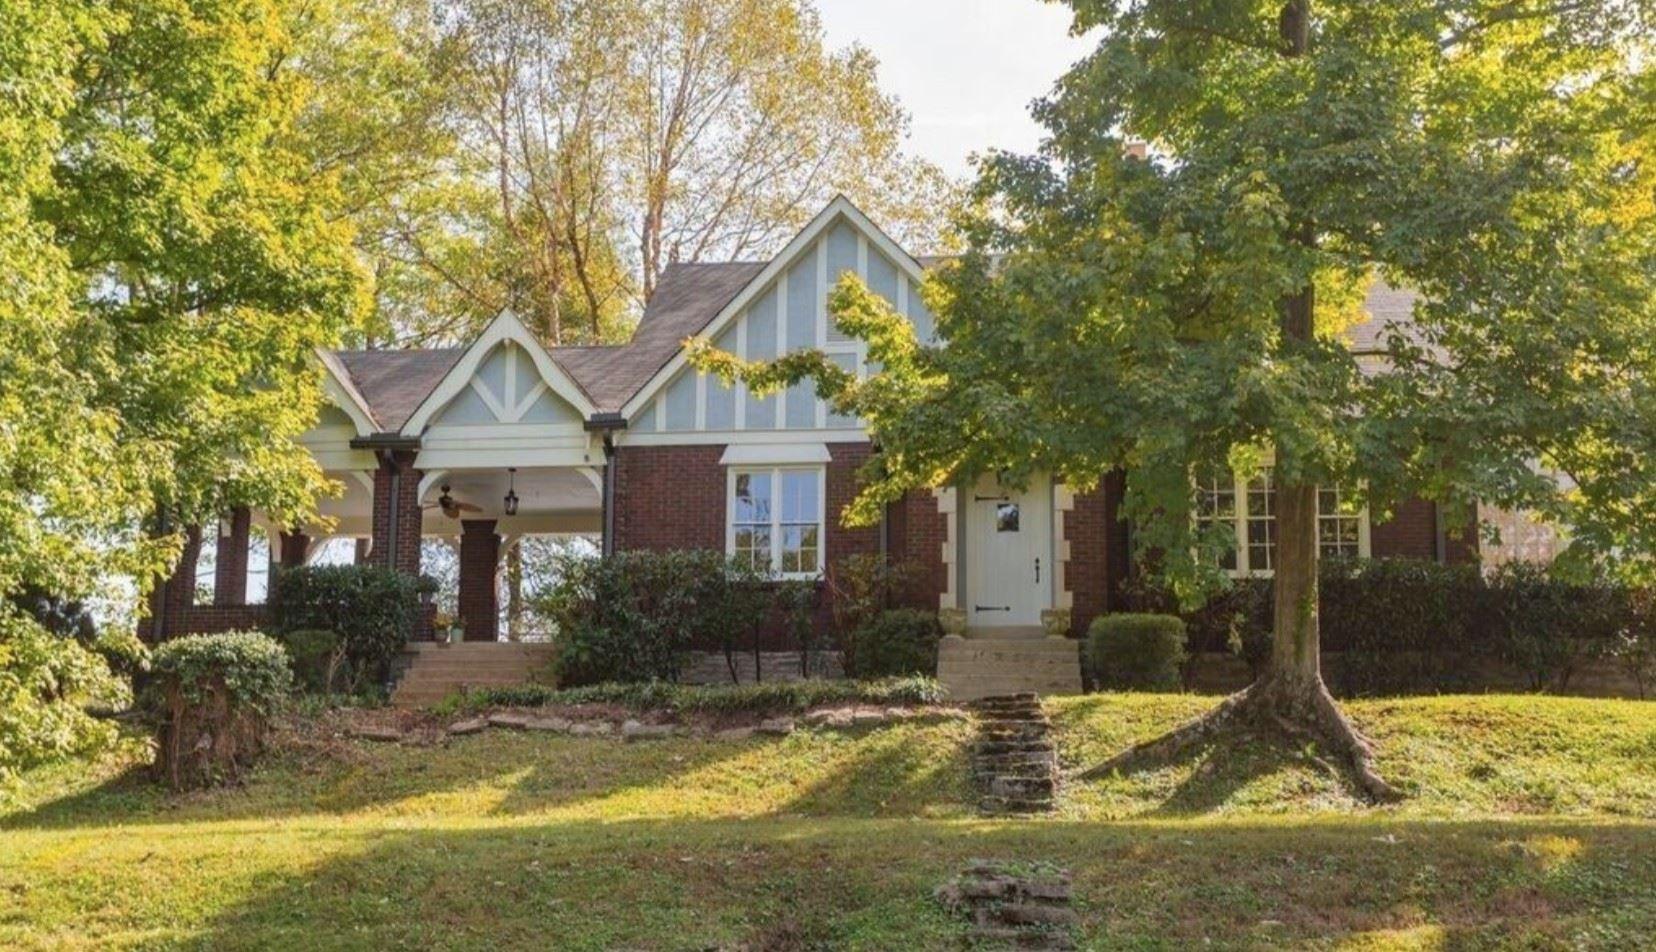 4204 Granny White Pike, Nashville, TN 37204 - MLS#: 2241425